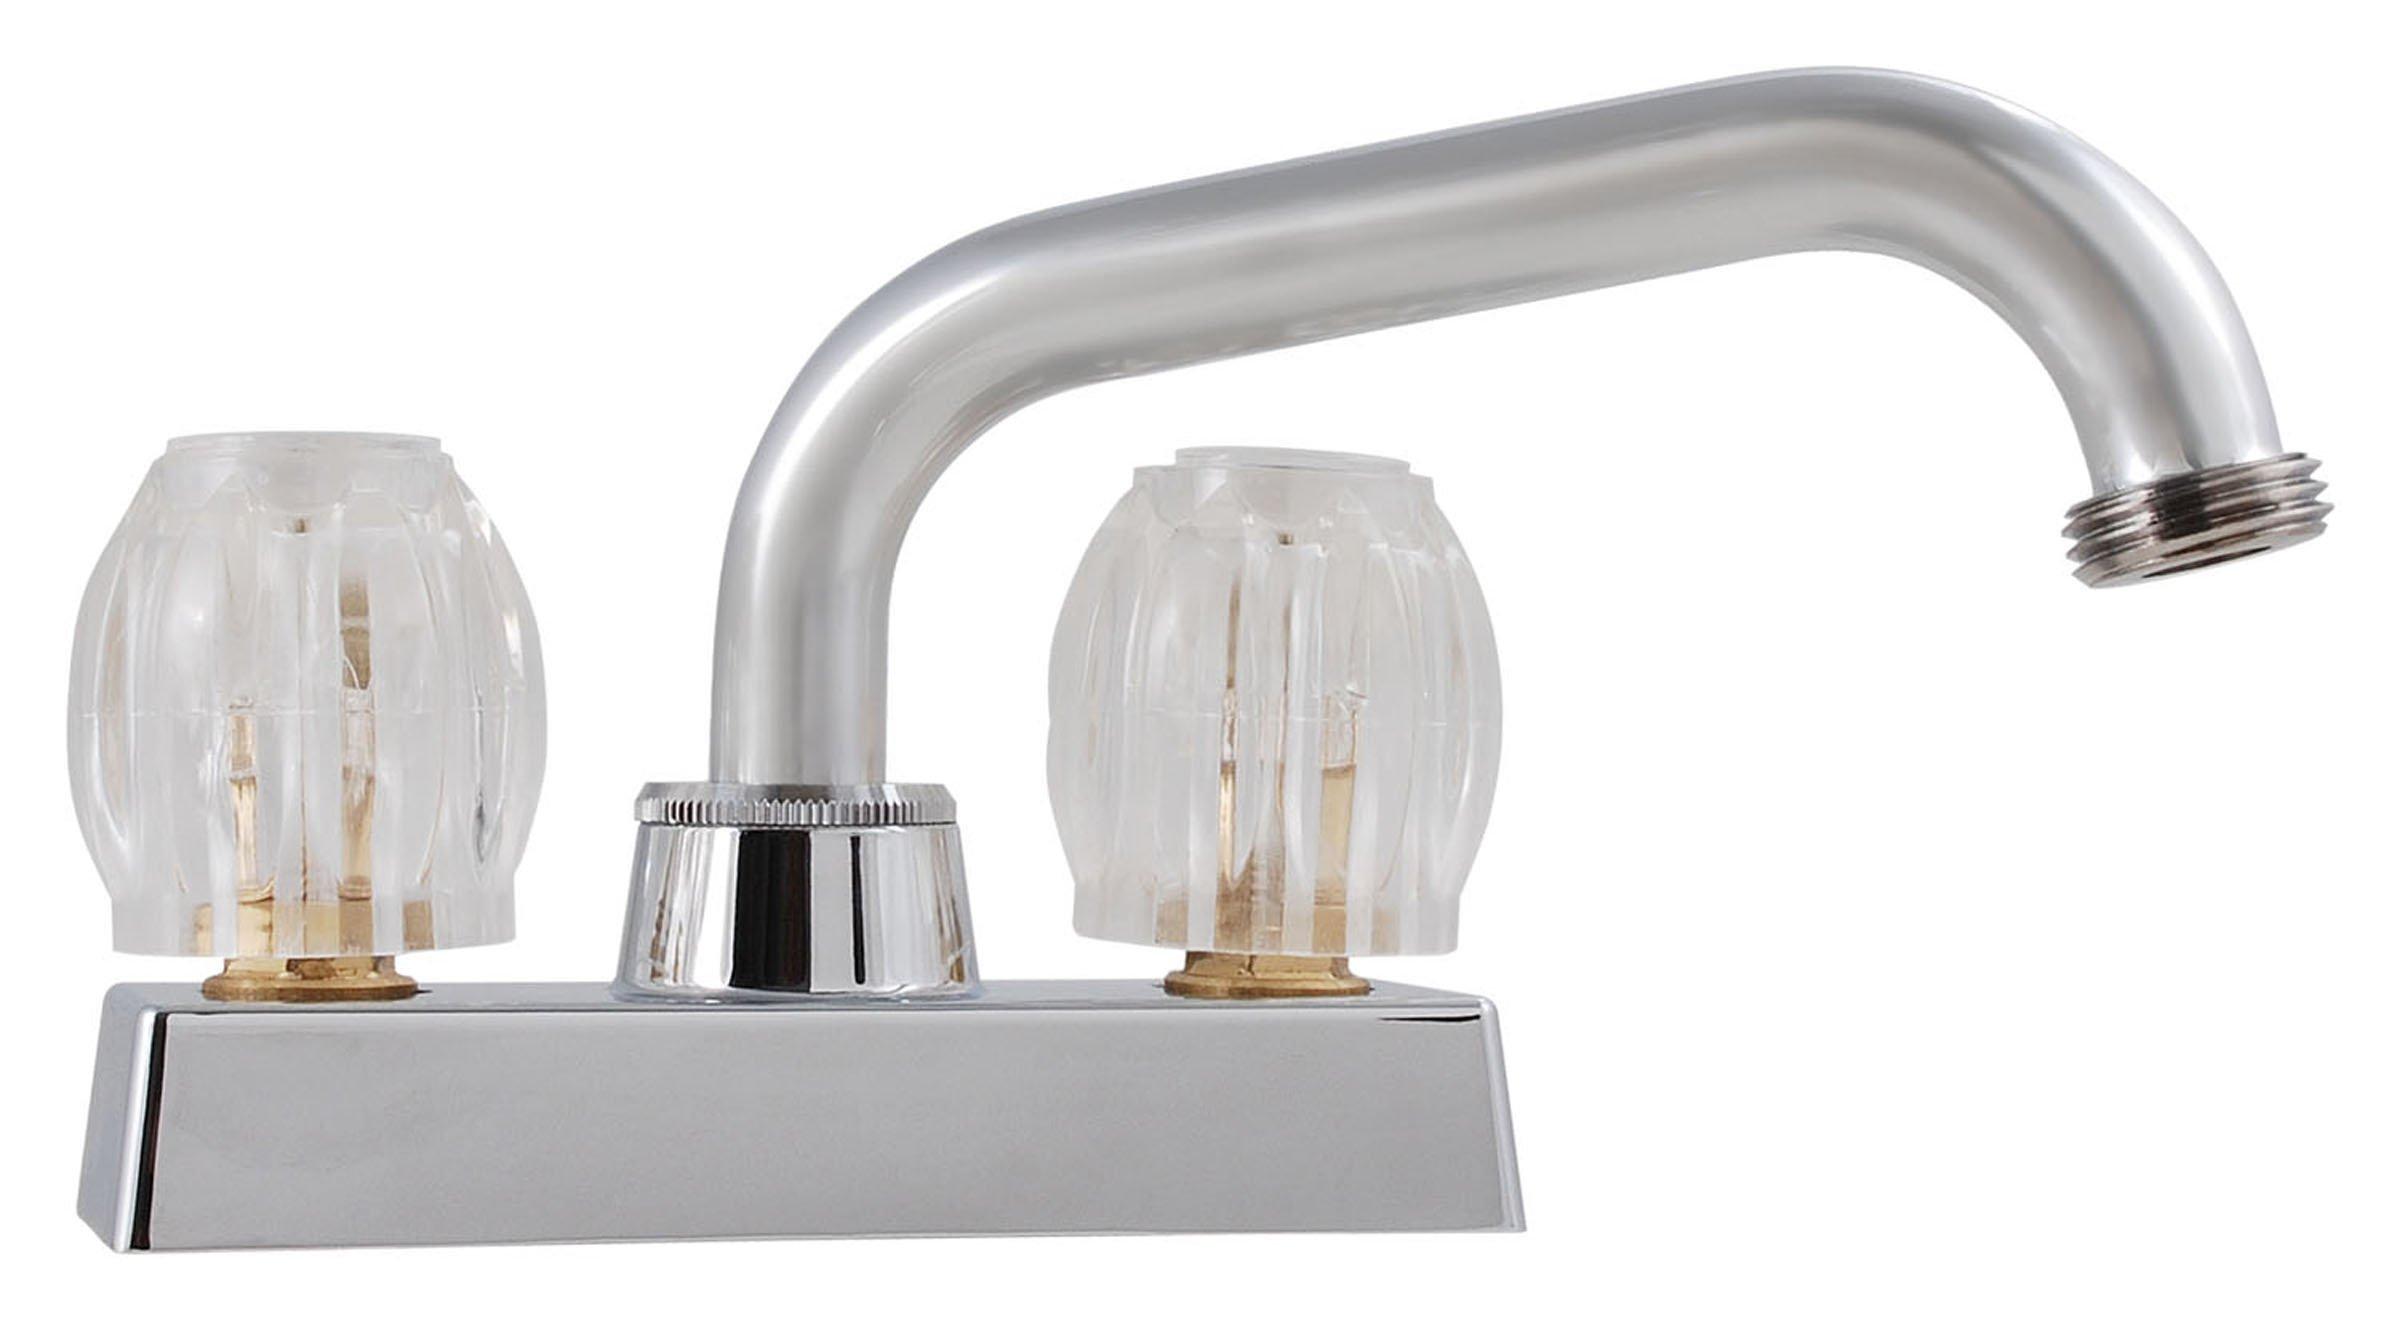 LDR 013 5200CP Laundry Faucet, Double Handle, Chrome